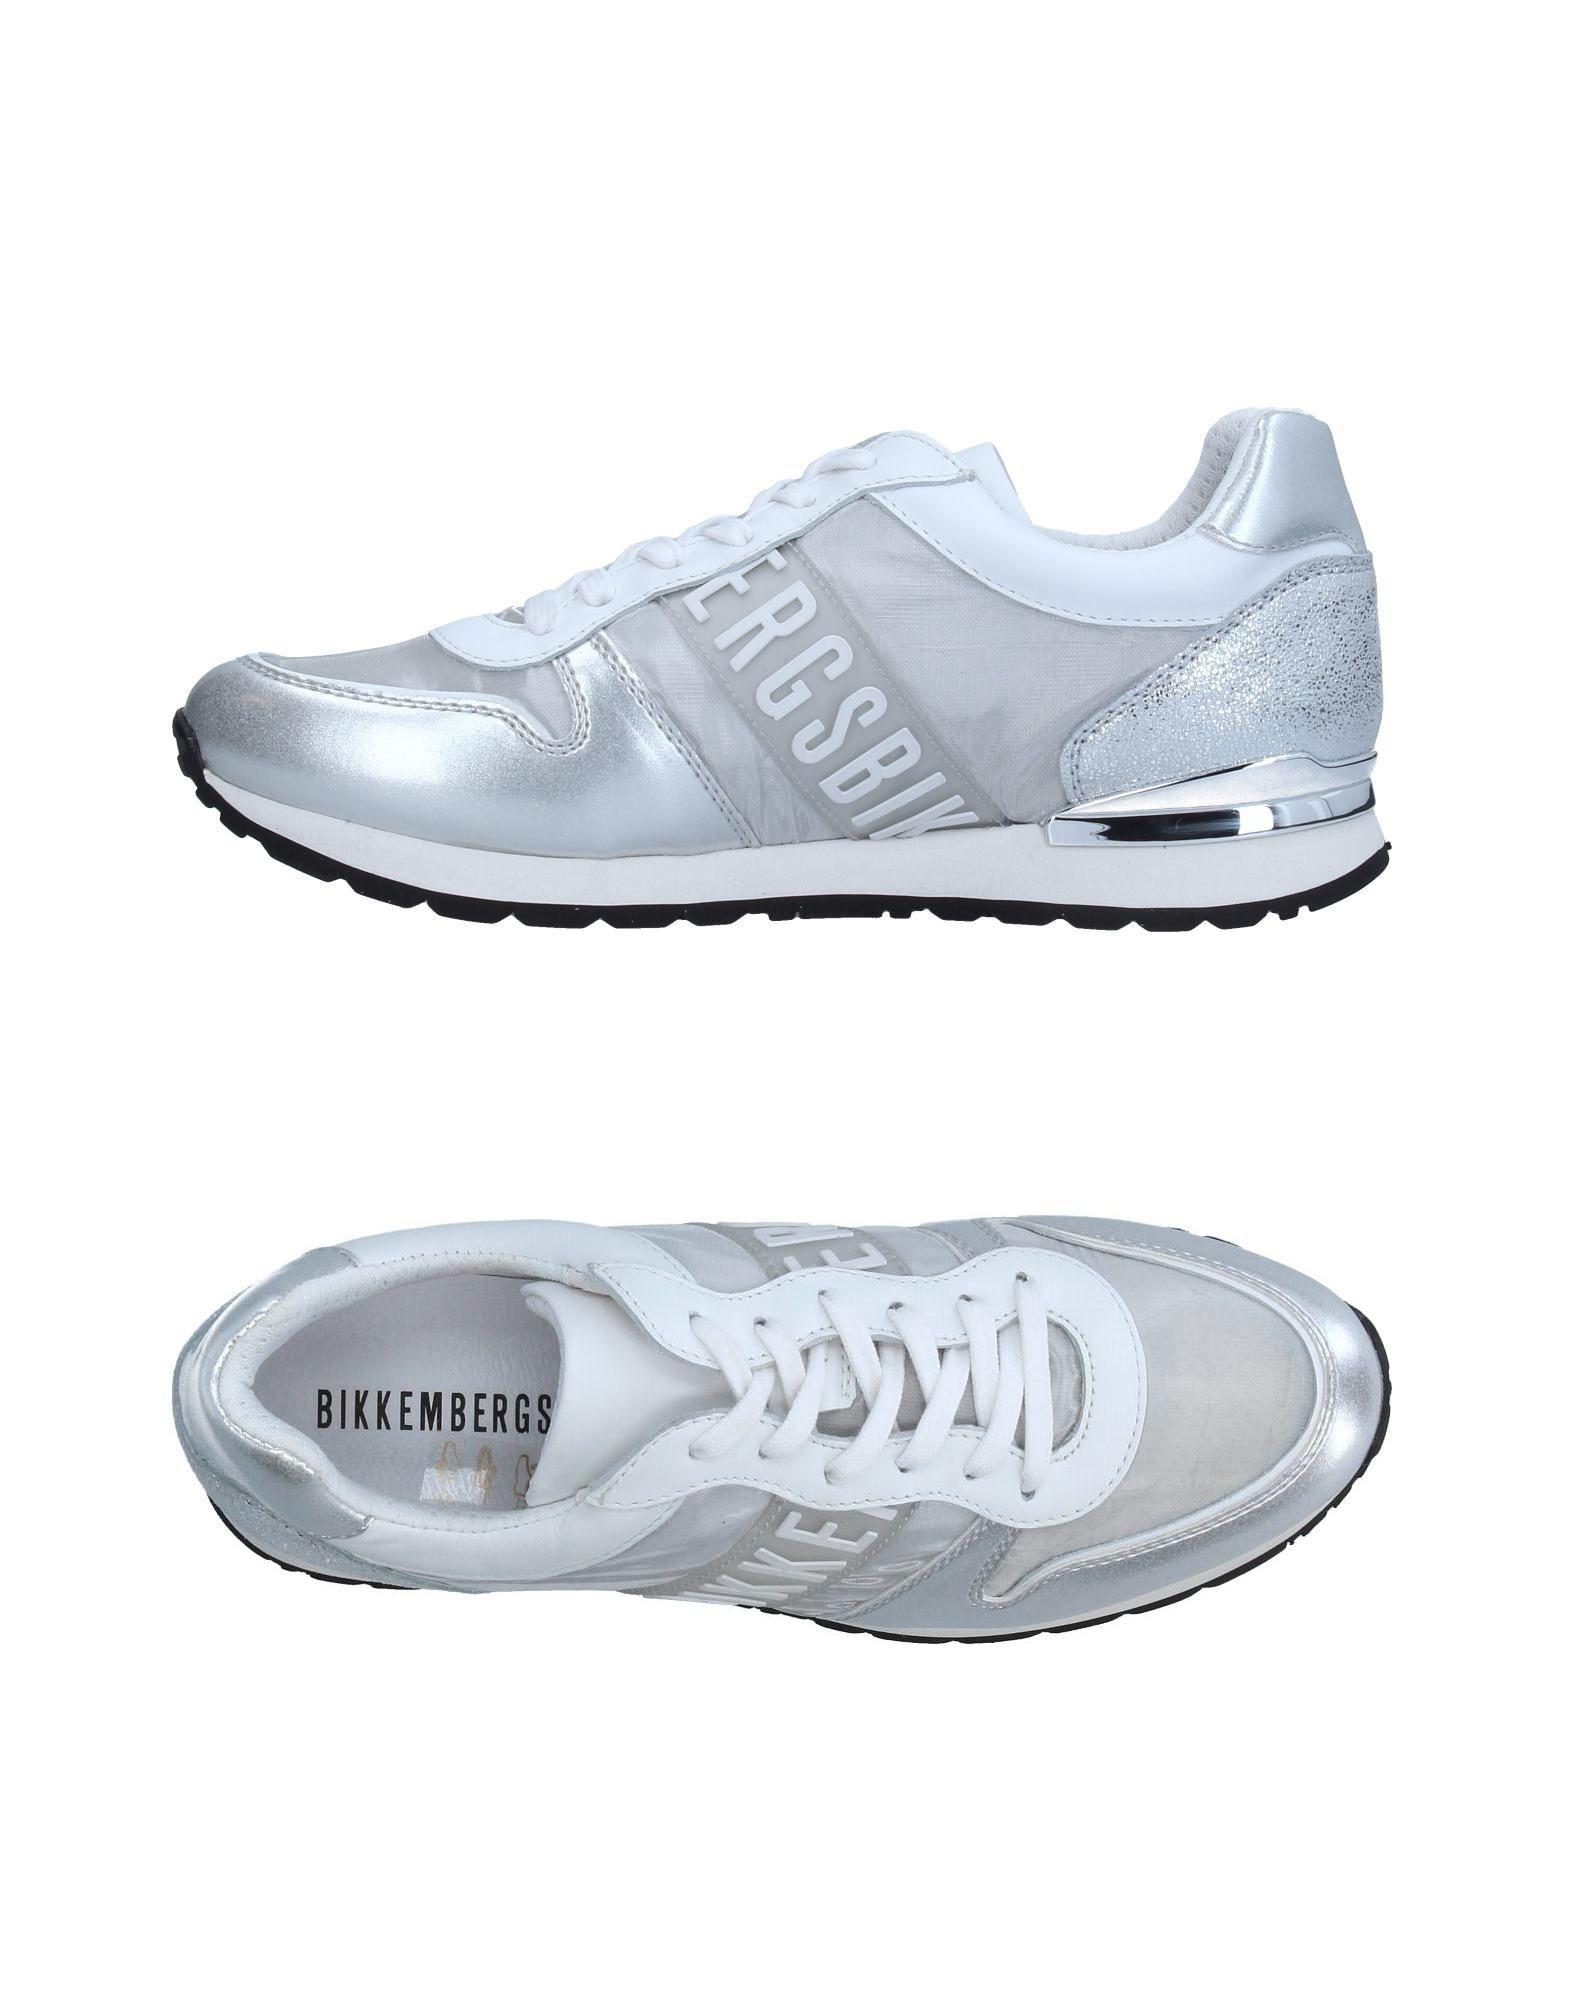 Bikkembergs Sneakers Damen  11326203XF Gute Qualität beliebte Schuhe